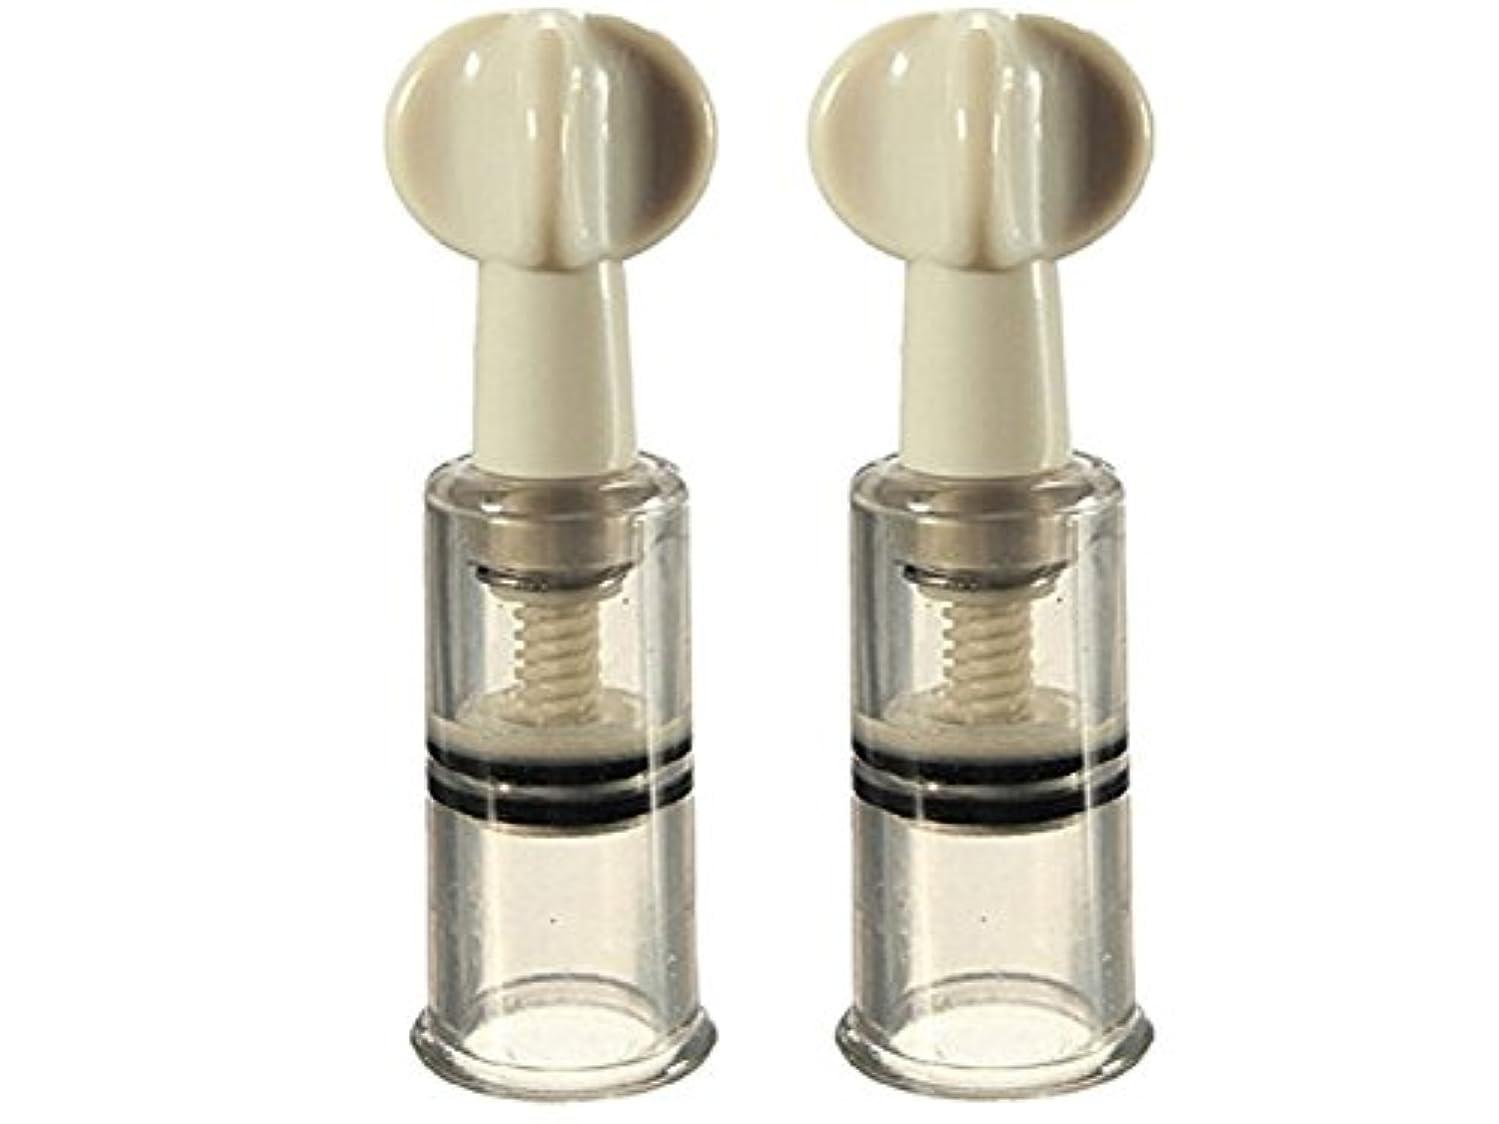 遺伝的タバコ夏健康管理真空ツイスト吸引カッピングデバイスマッサージリラックス磁気中国カッピングセラピーセット(2(S + M + L + XL) (2-S)